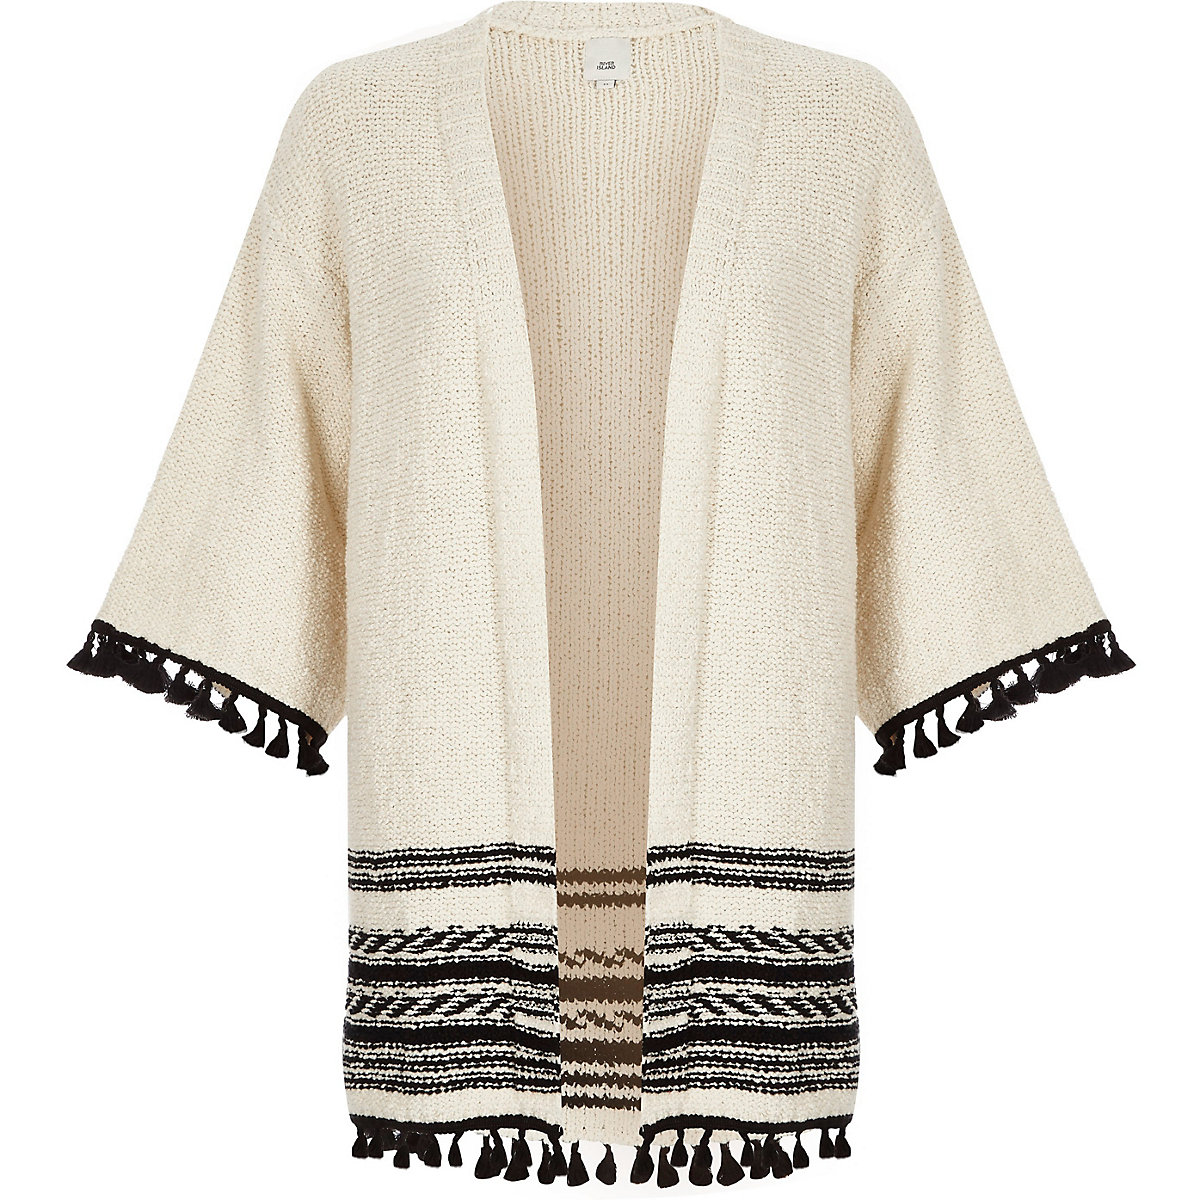 Cream tassel hem kimono sleeve cardigan